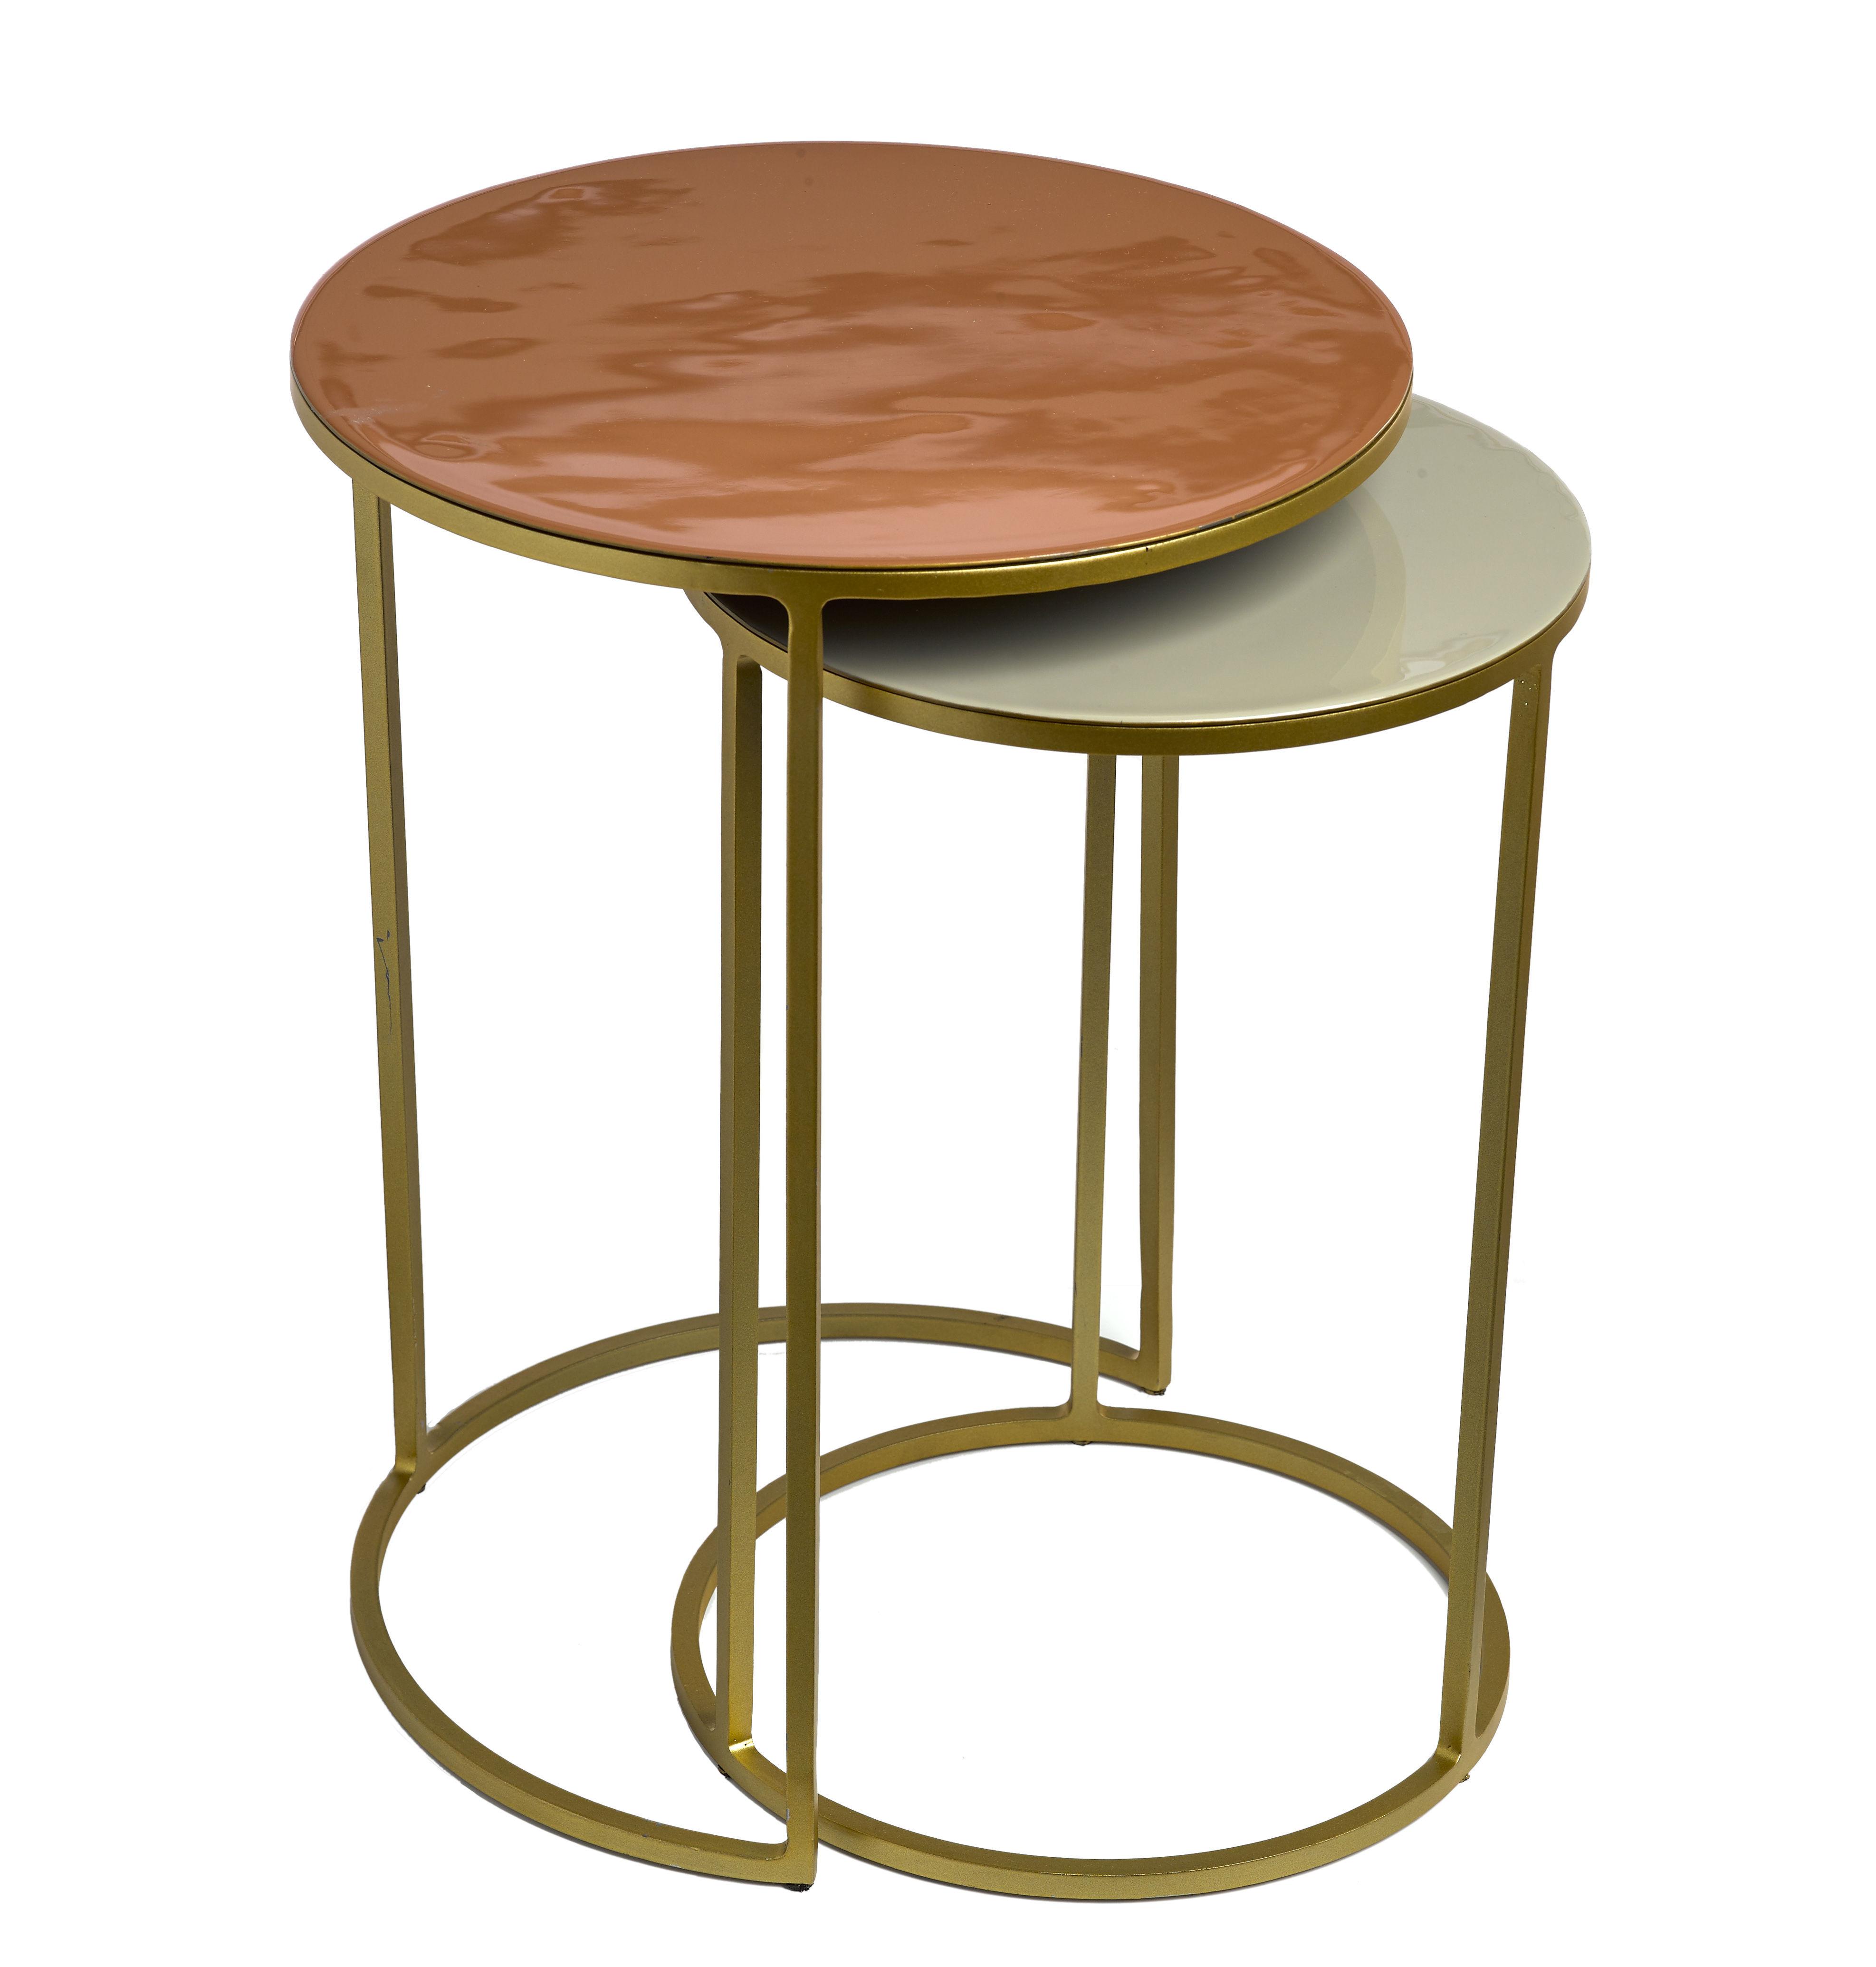 Möbel - Couchtische - Enamel Satz-Tische / 2er-Set - emailliertes Eisen - Pols Potten - Rosa & beige / goldfarben - bemaltes Metall, emailliertes Eisen